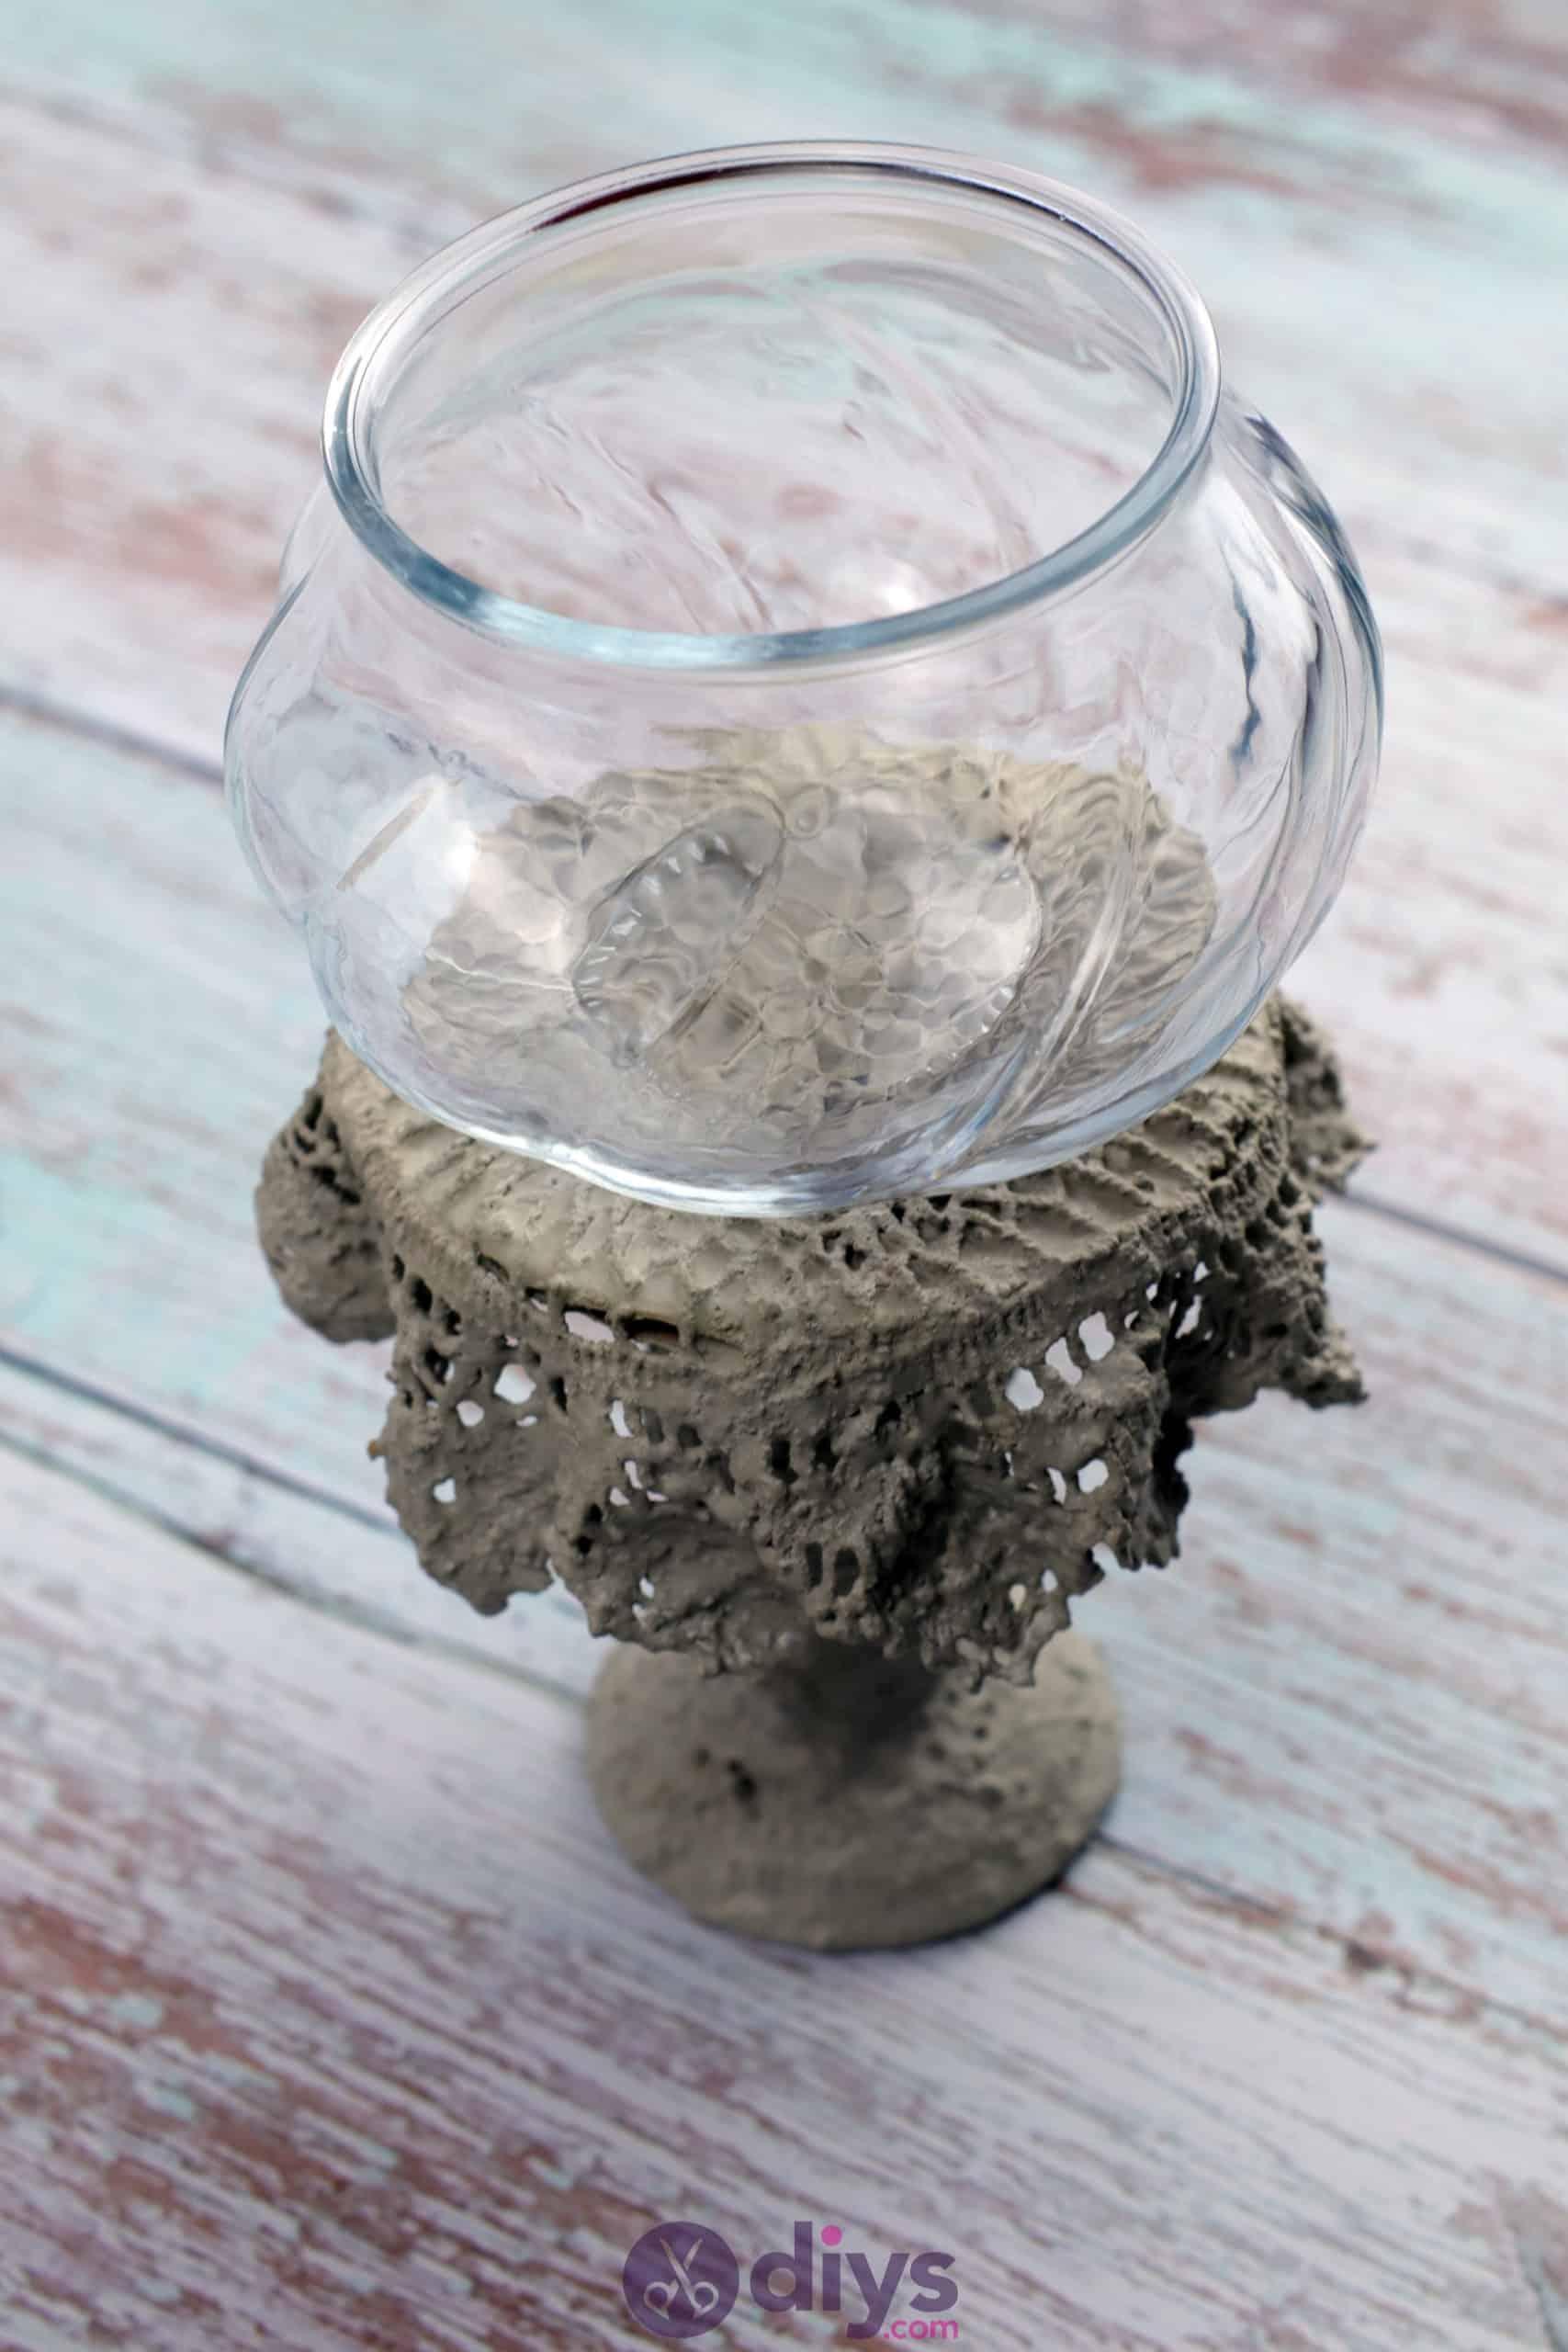 Diy concrete doily stand glass